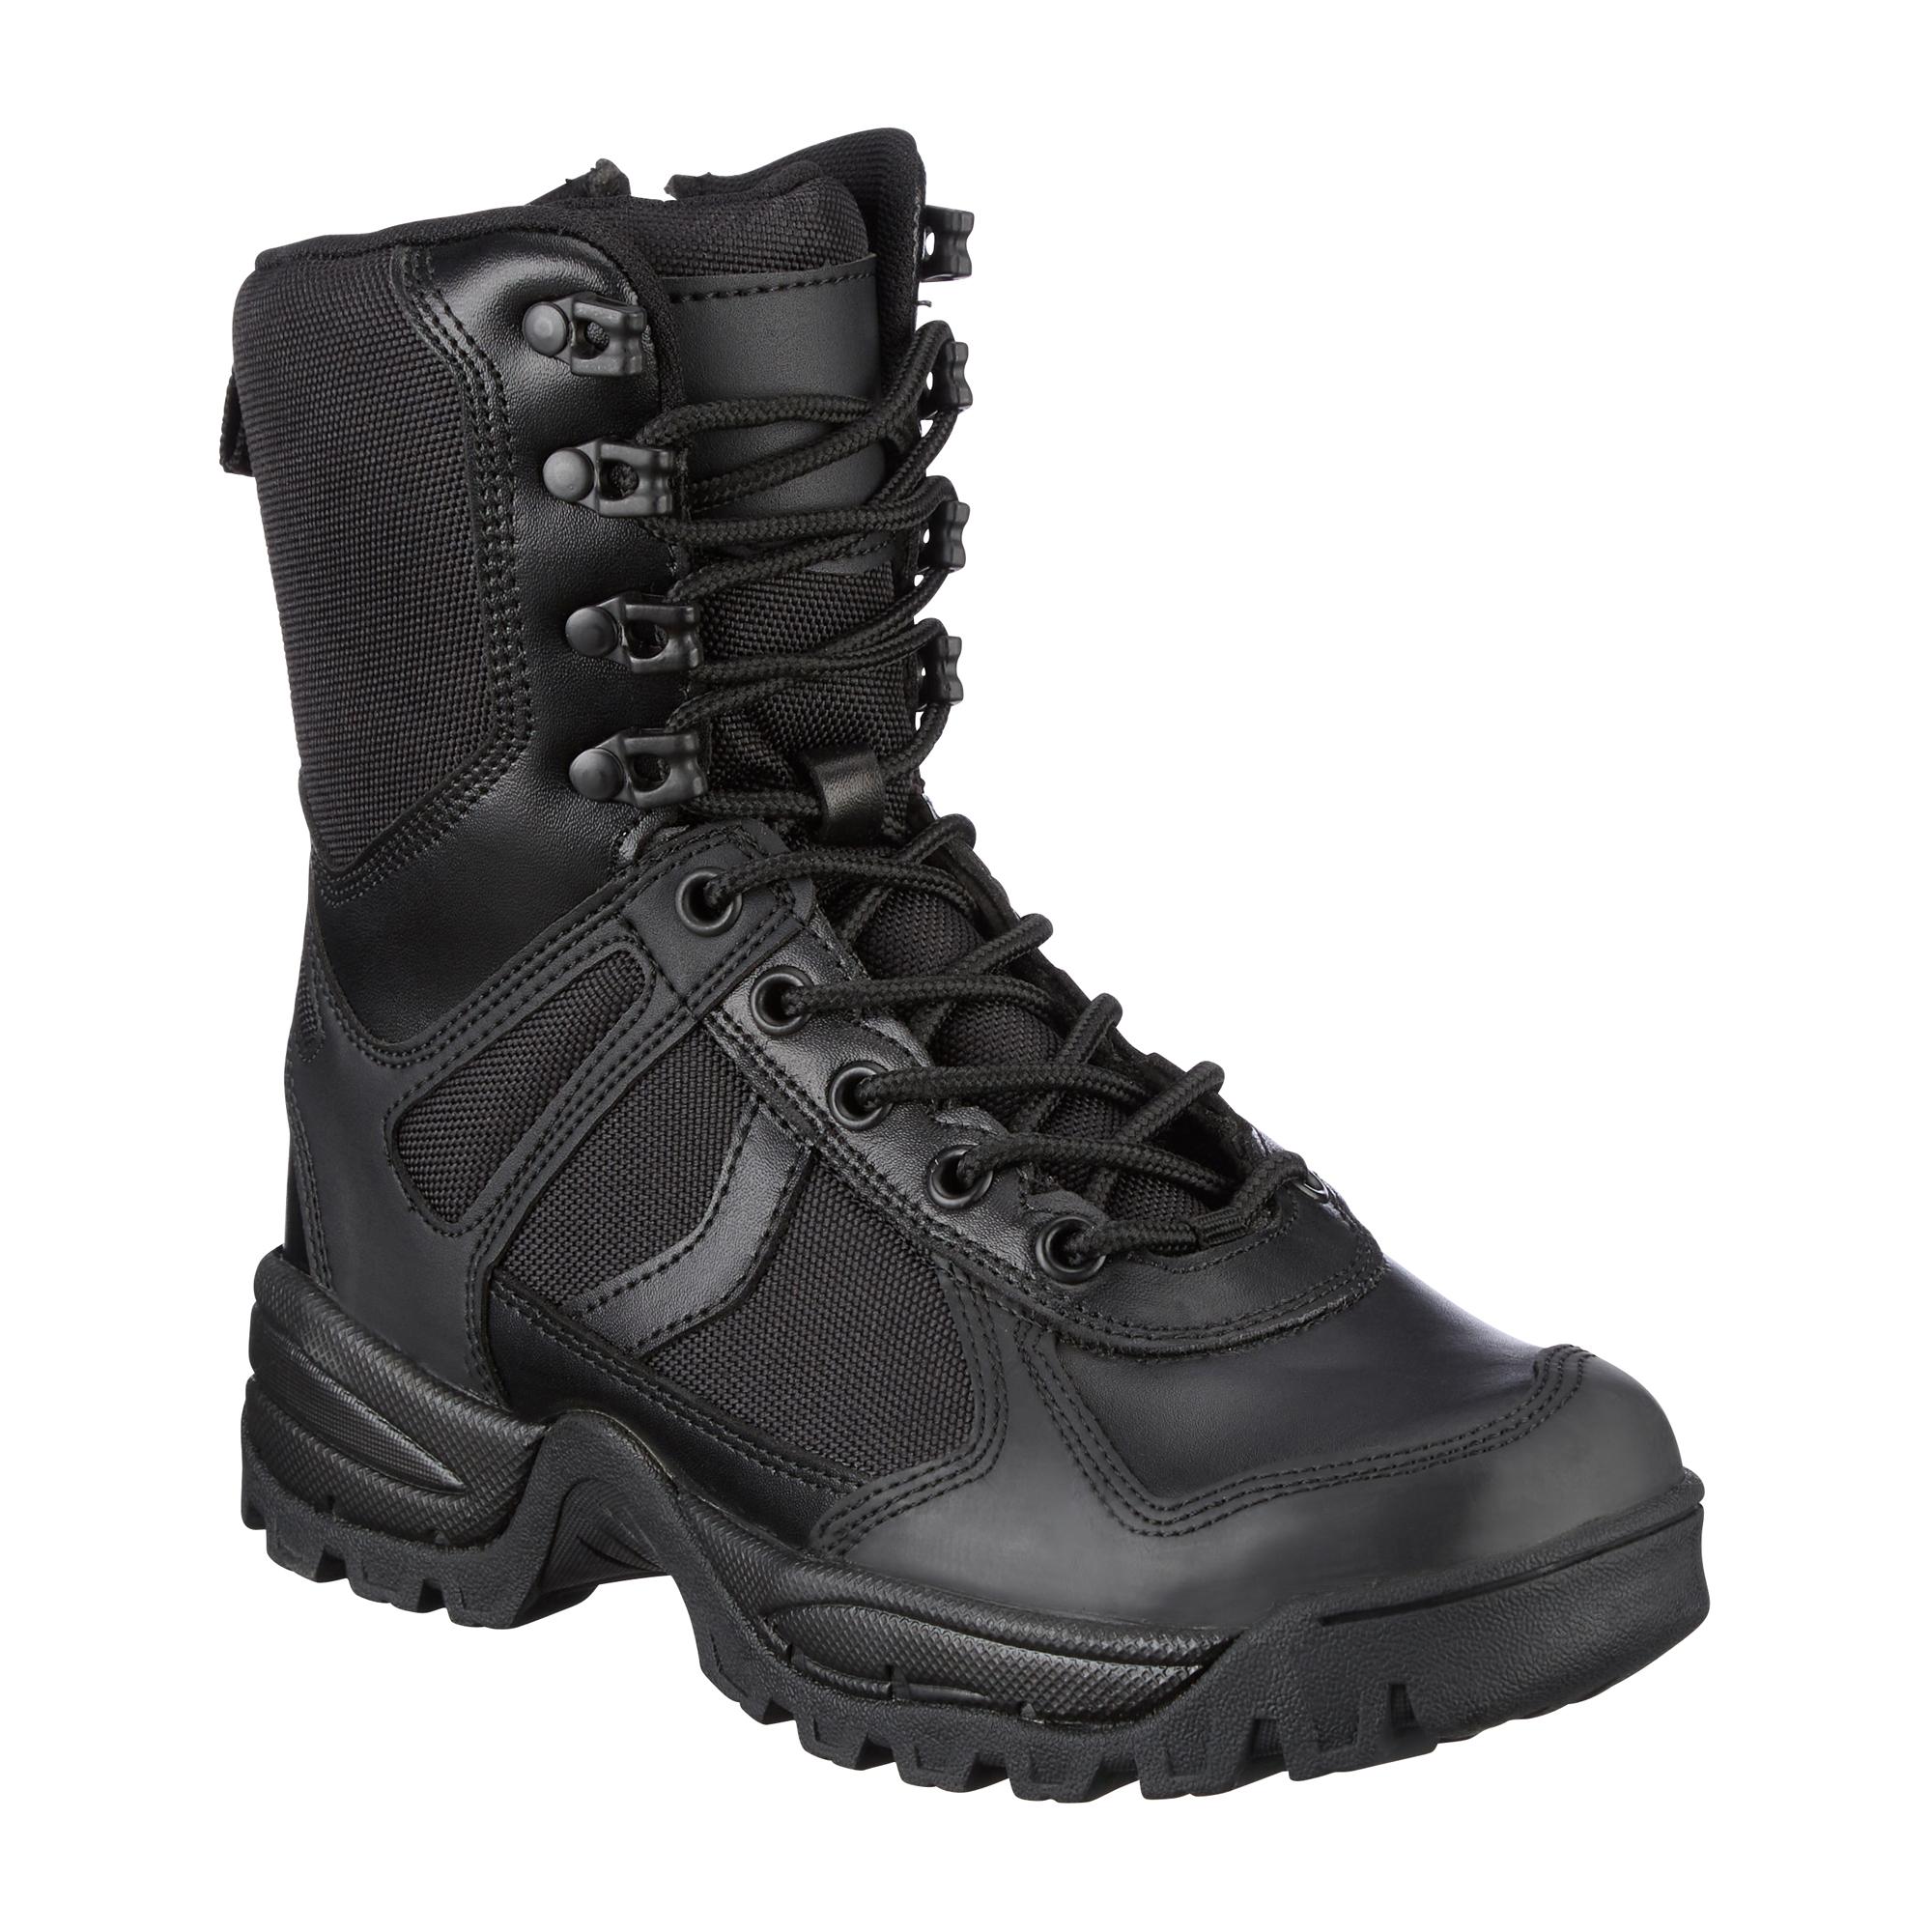 Outdoor Stiefel Mil-Tec Patrol Zip schwarz